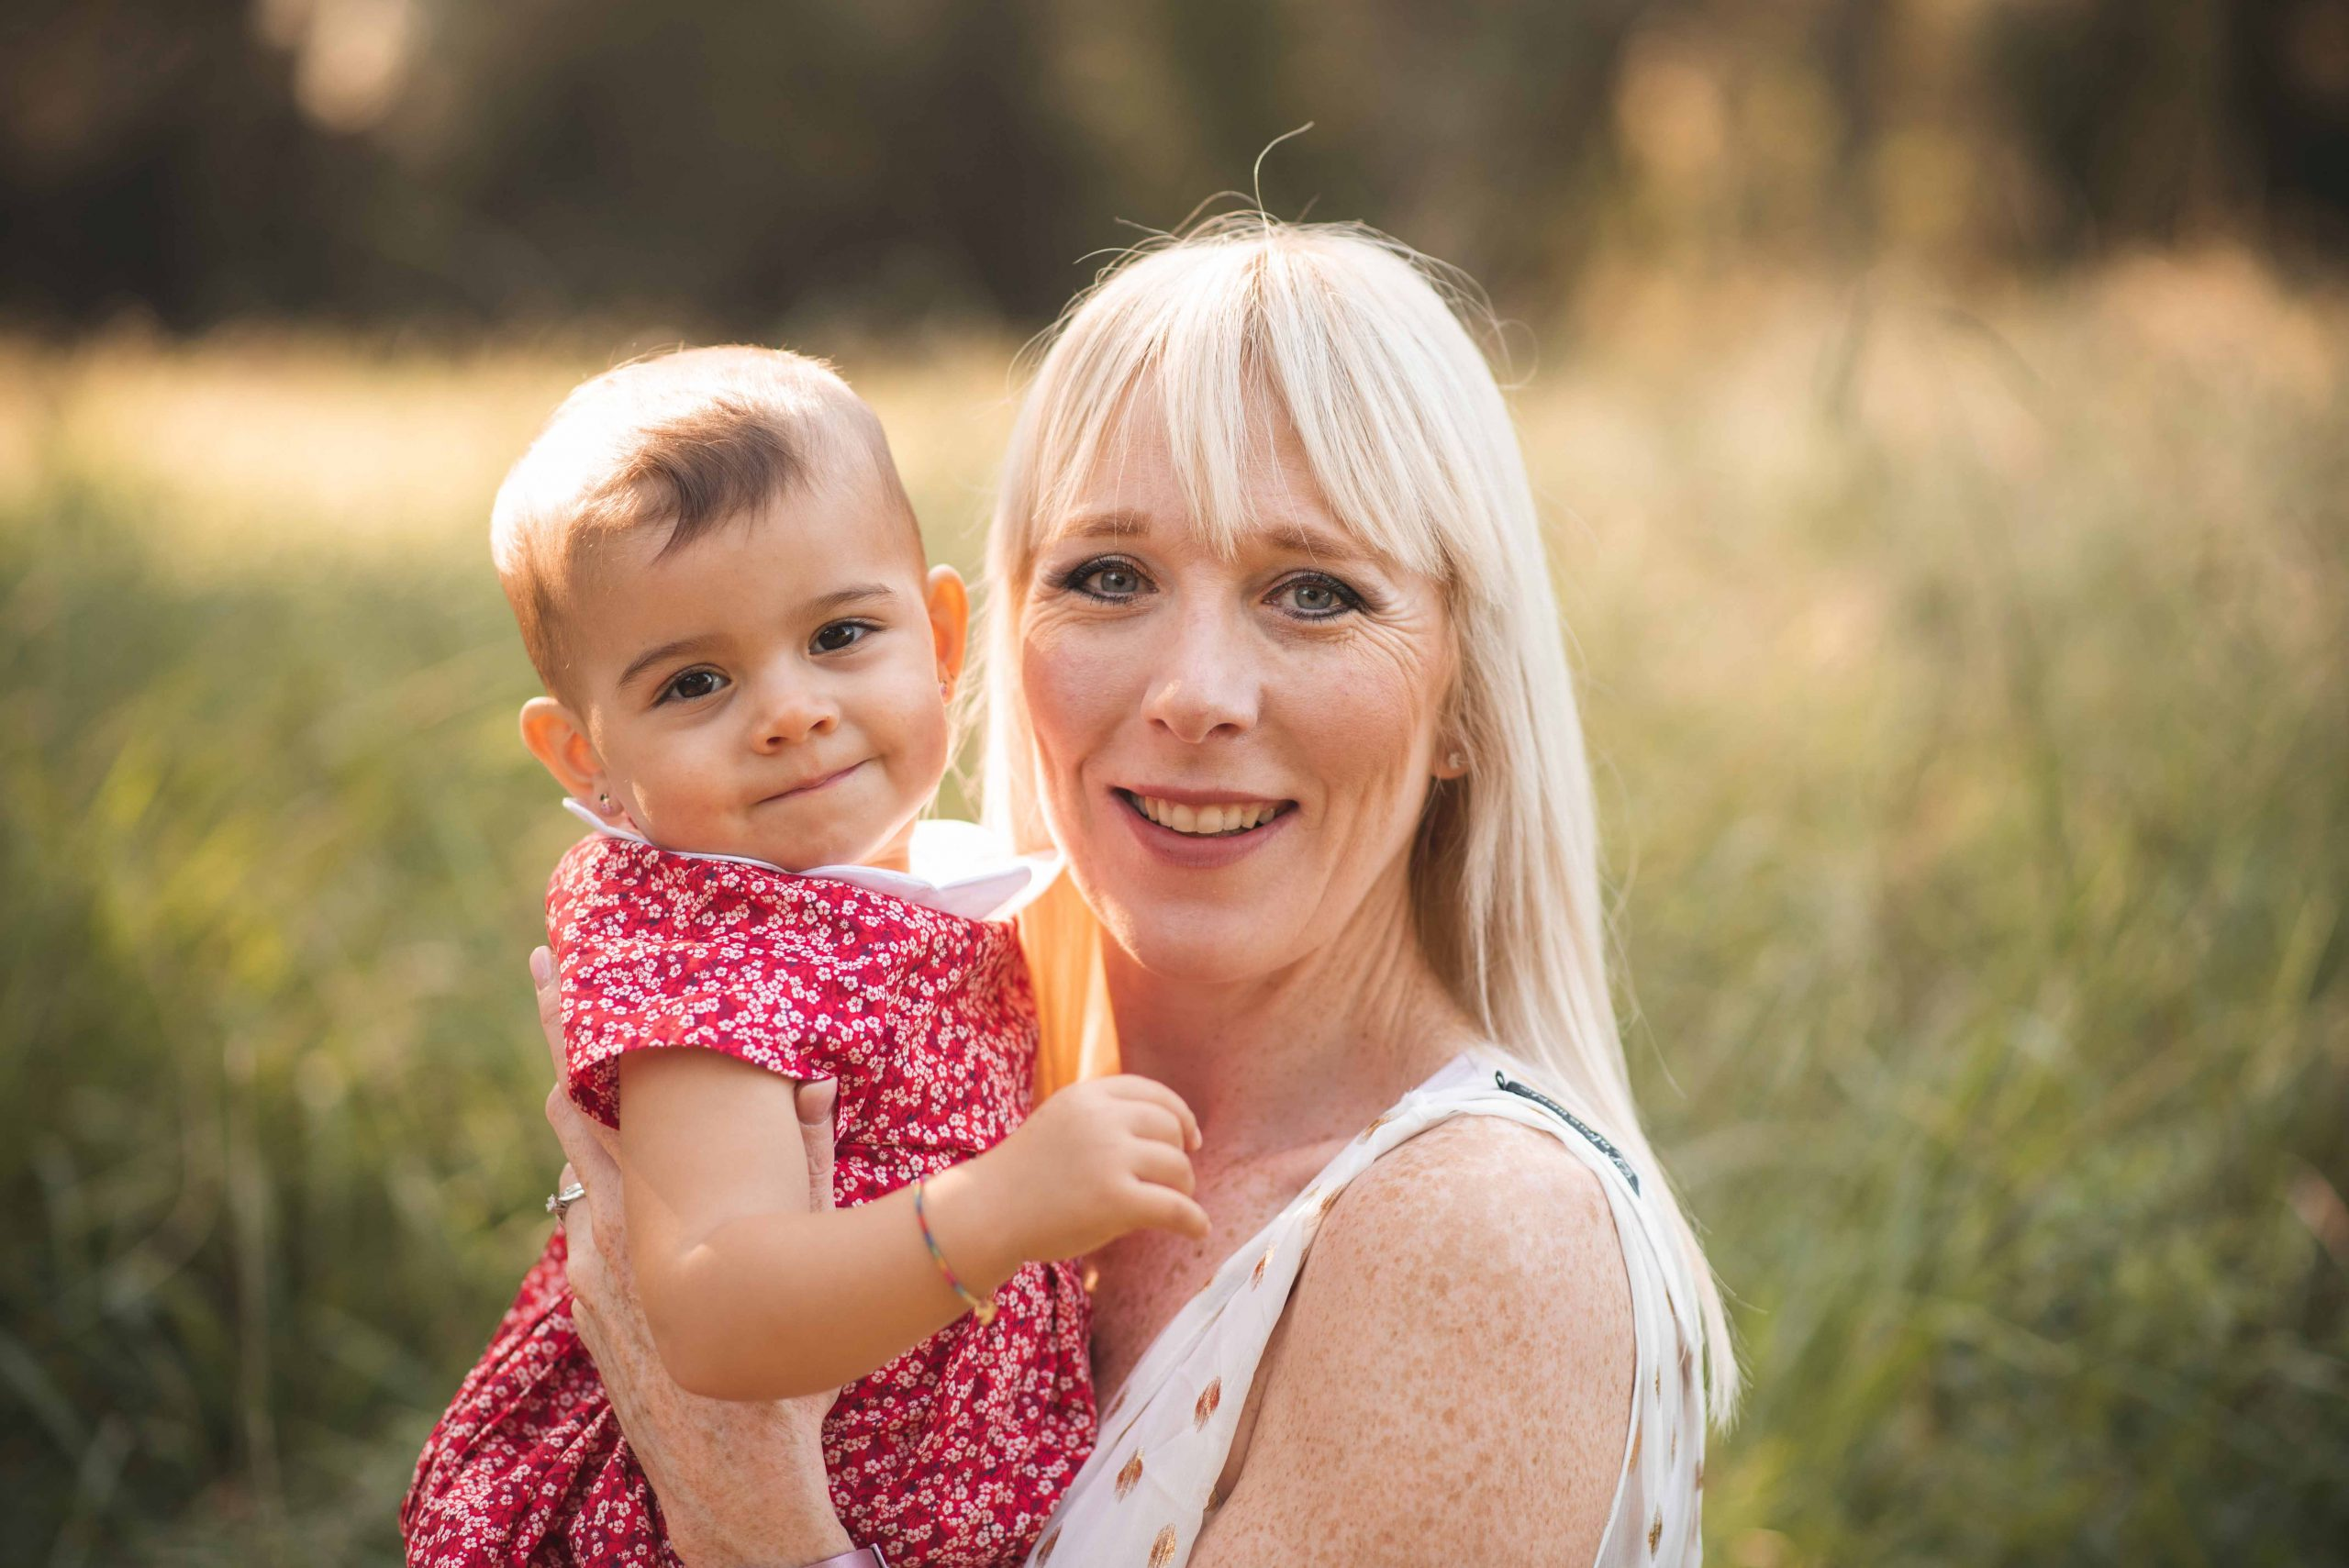 séance photo mère avec fille